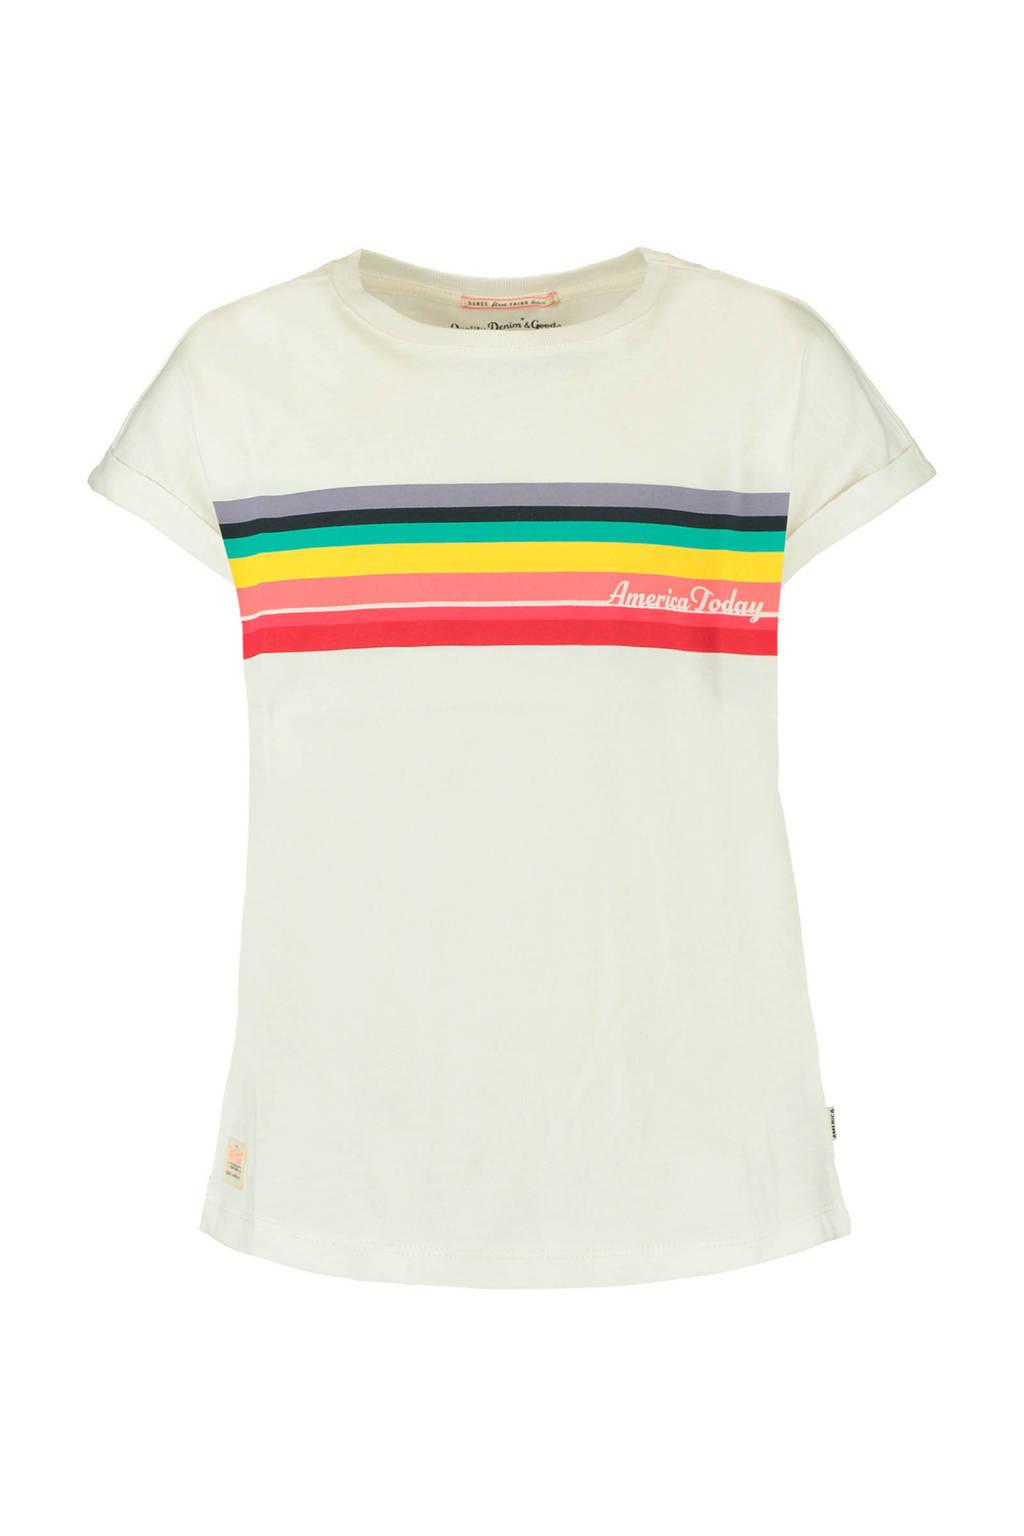 America Today Junior T-shirt Elvy met printopdruk beige/rood/geel, Beige/rood/geel